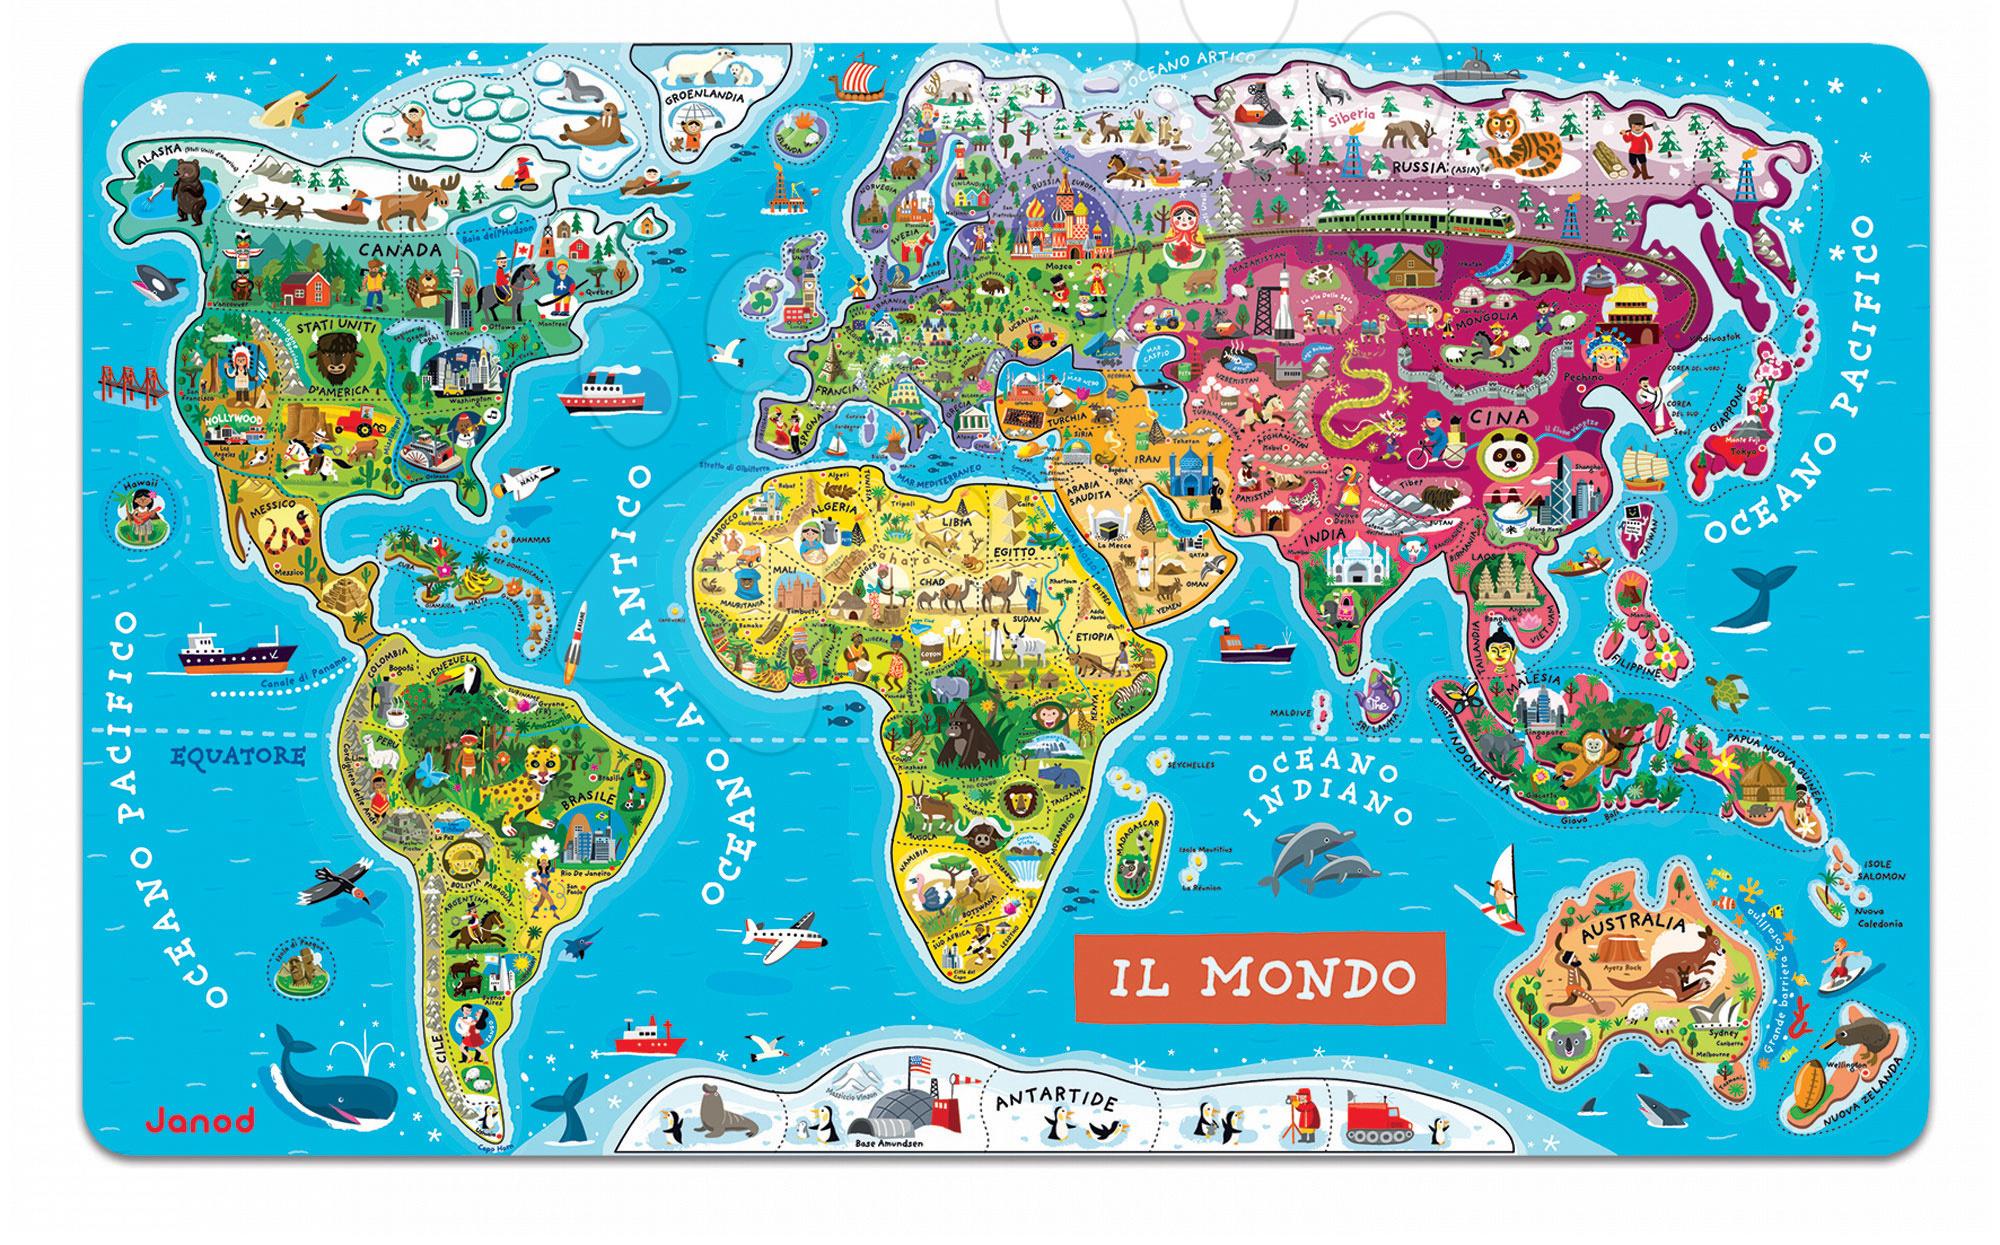 Magnetky pre deti - Magnetická mapa sveta World Map Magnetic talianska verzia Janod 92 magnetov od 5 rokov